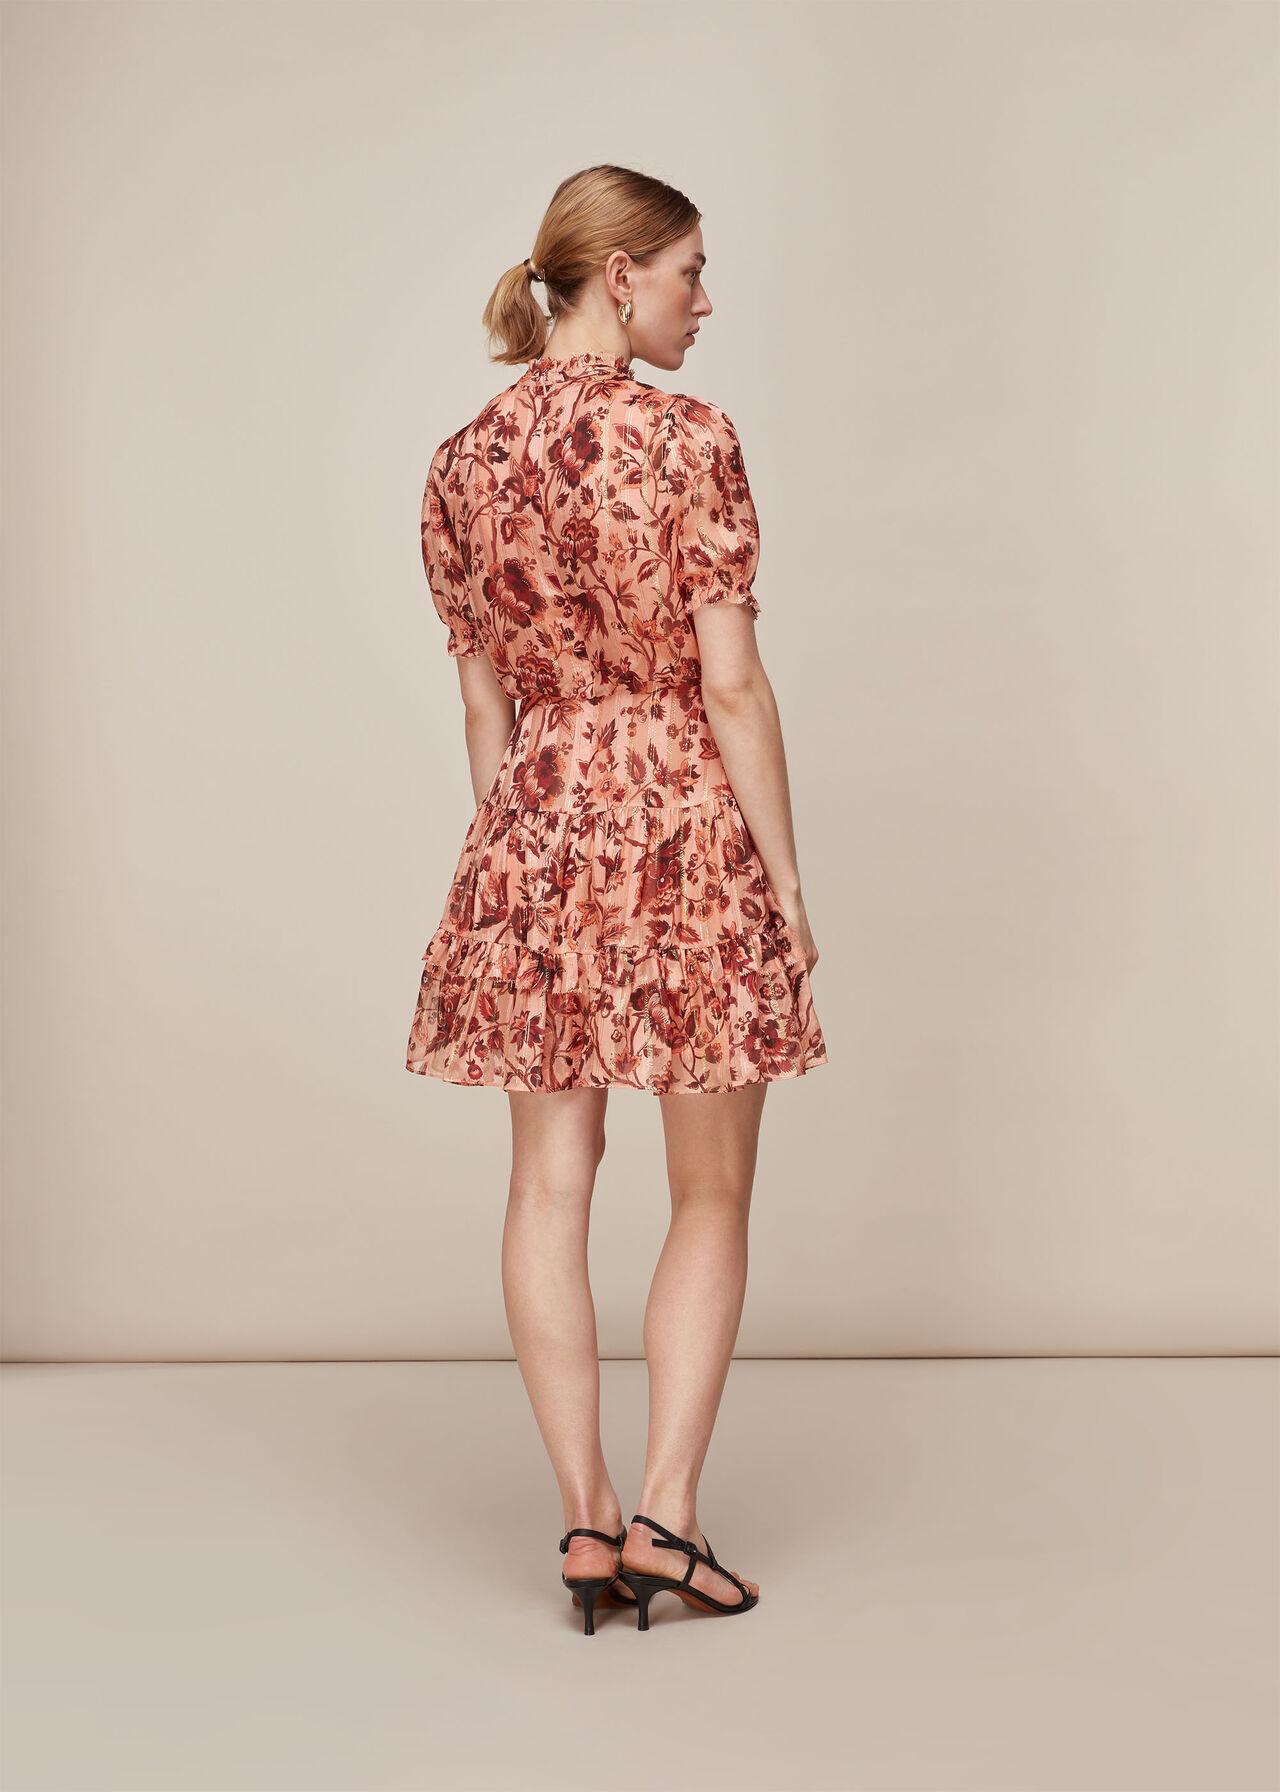 Sophia Prairie Silk Dress Pink/Multi